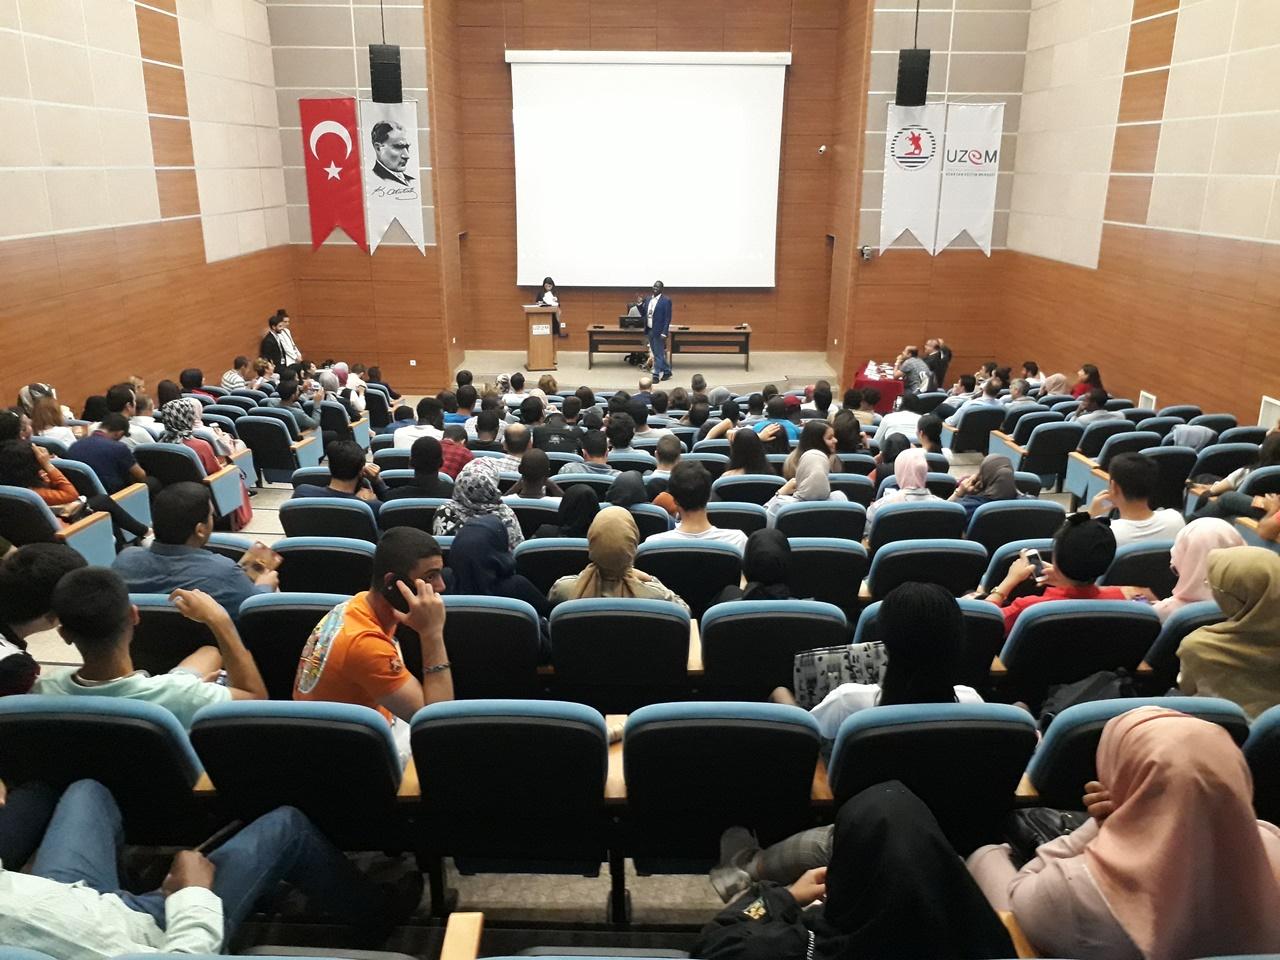 http://www.omu.edu.tr/sites/default/files/files/uluslararasi_ogrenciler_turkcelerini_yaristirdi_/omu_turkce_konusma_yarismasi_121.jpg